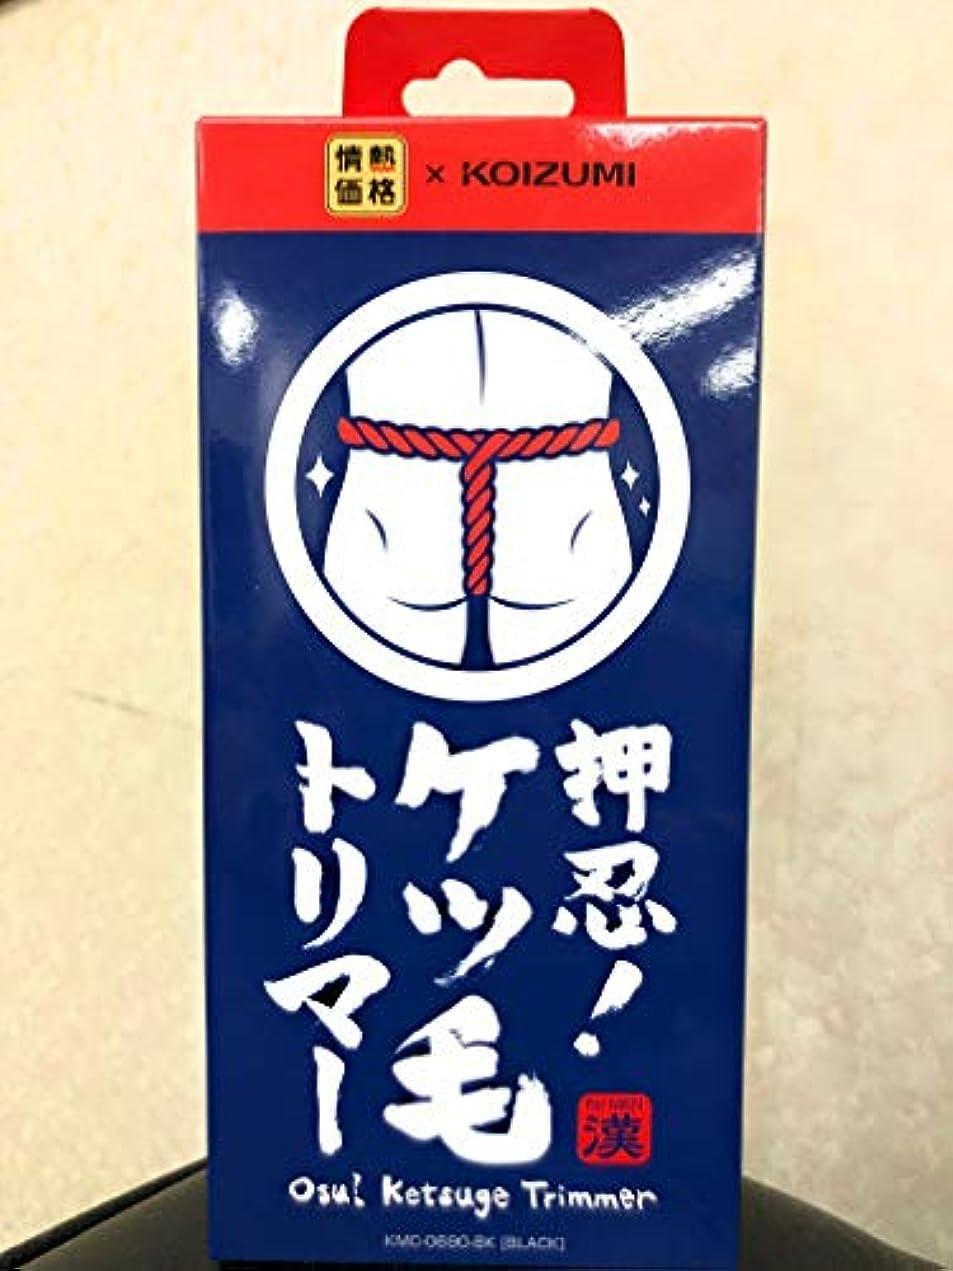 抜け目がない線形怒りKOIZUMI 押忍!ケツ毛トリマー LEDライト搭載 KMC-0690-BK for MEN